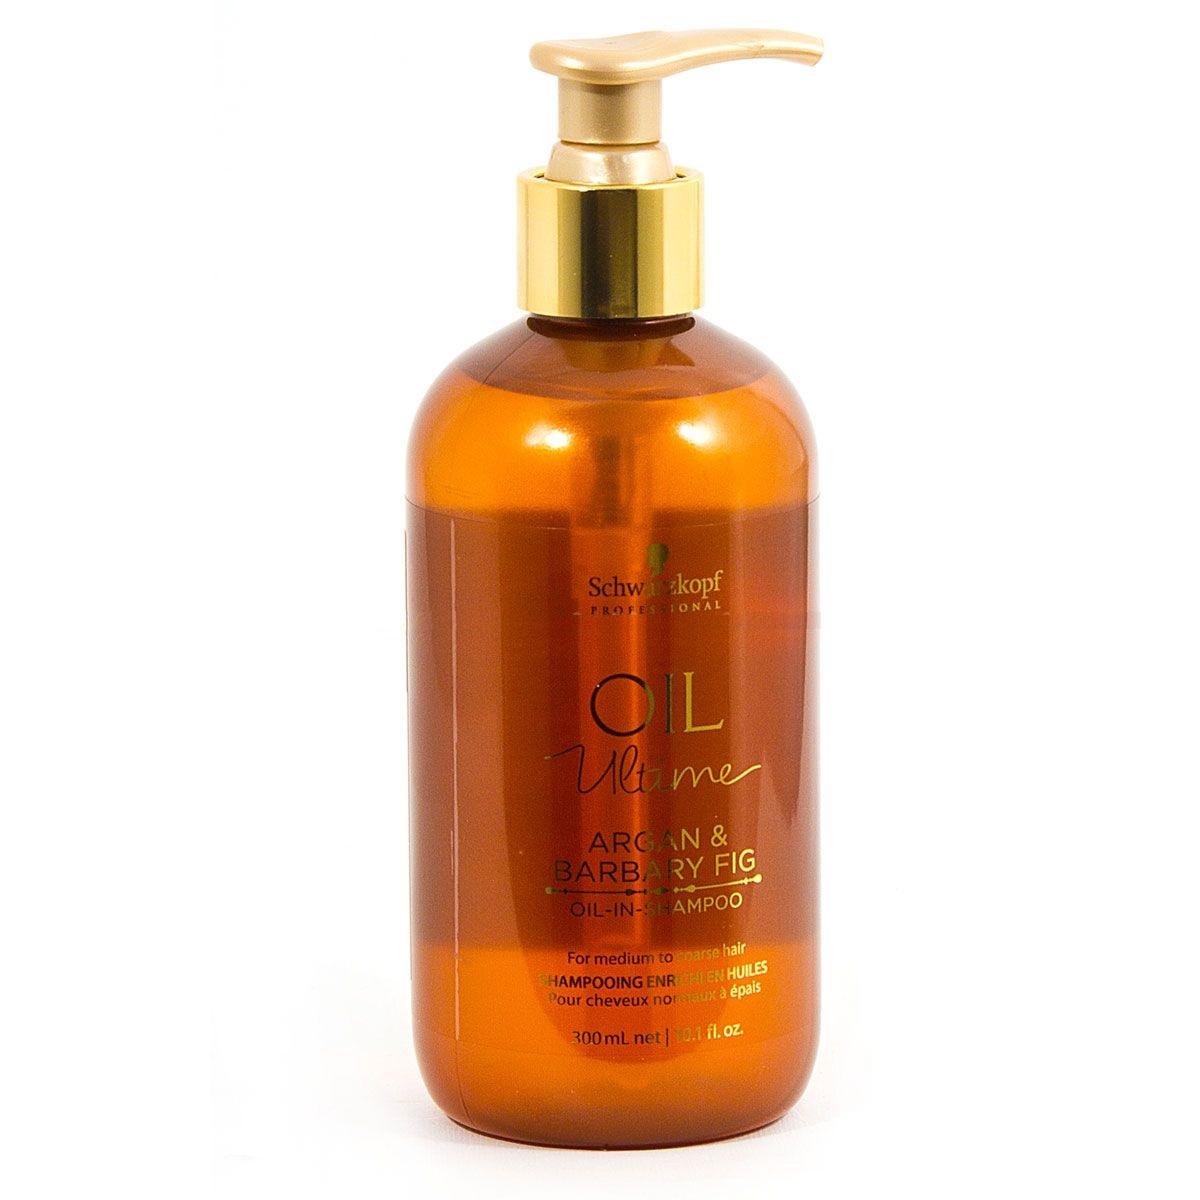 Dầu gội Schwarzkopf OIL Ultime Argan & Barbary Fig Oil shampoo chăm sóc tóc to sợi thô cứng